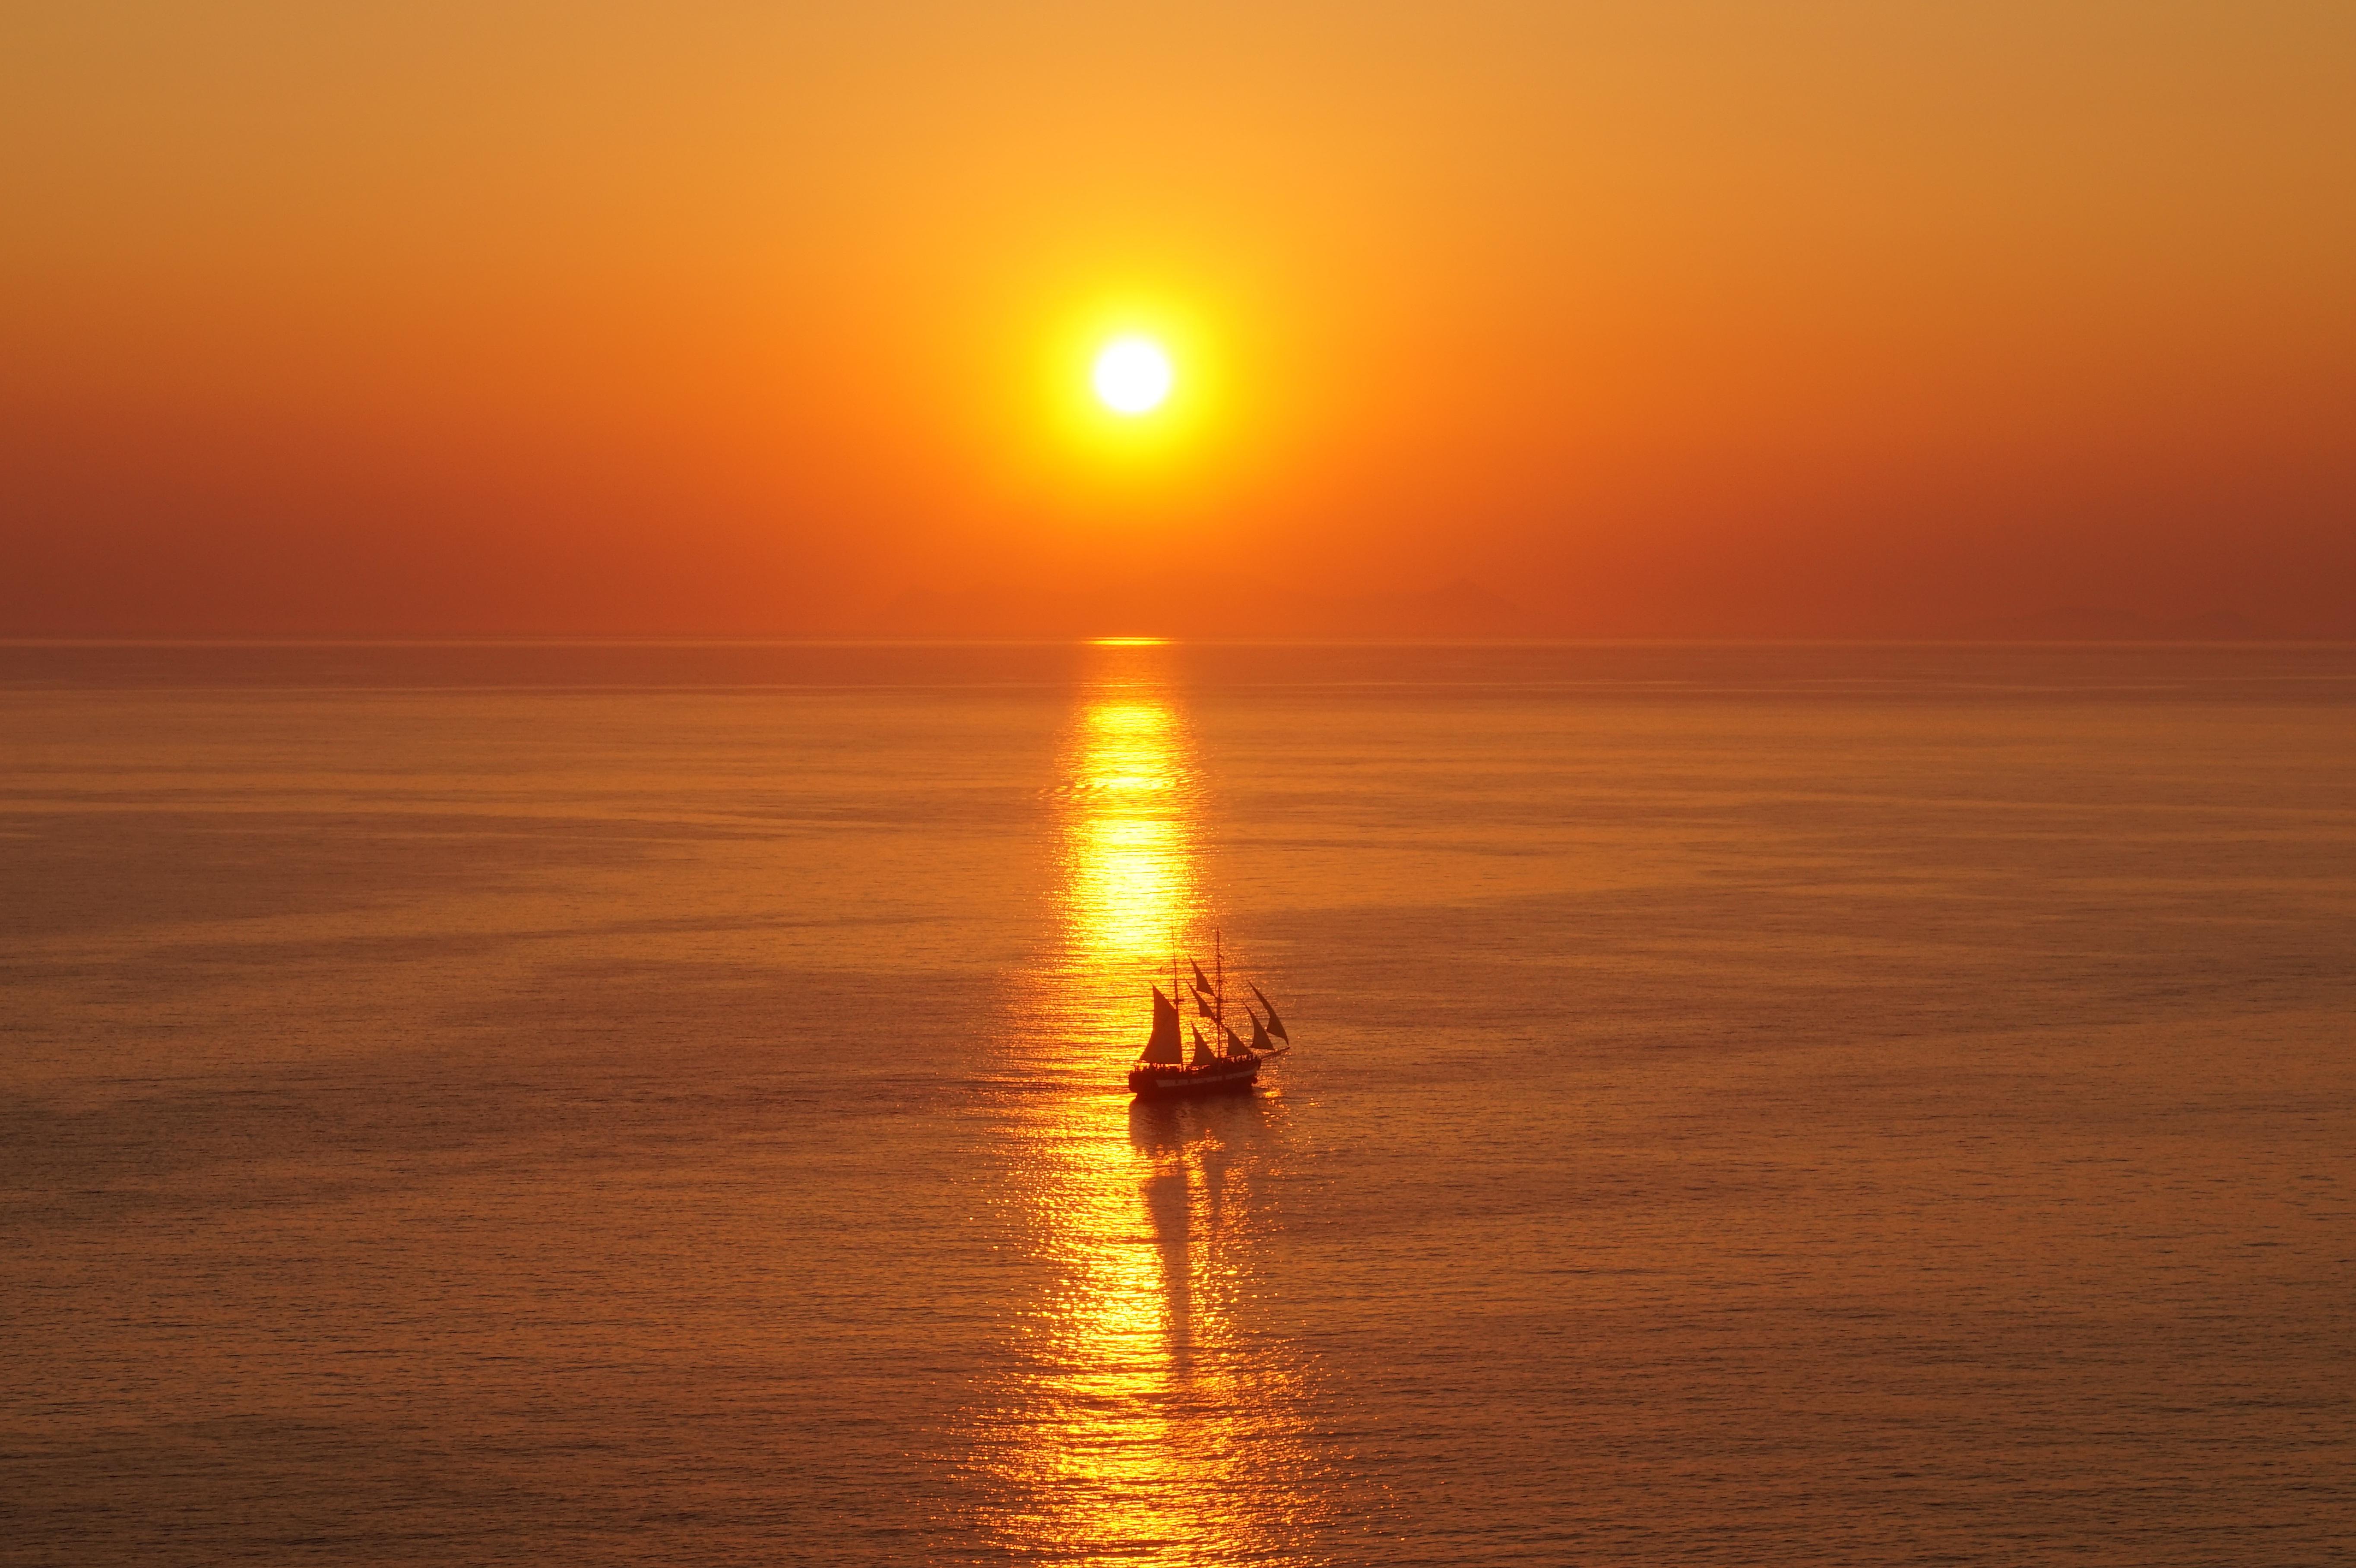 морские восходы и закаты фото борьбы